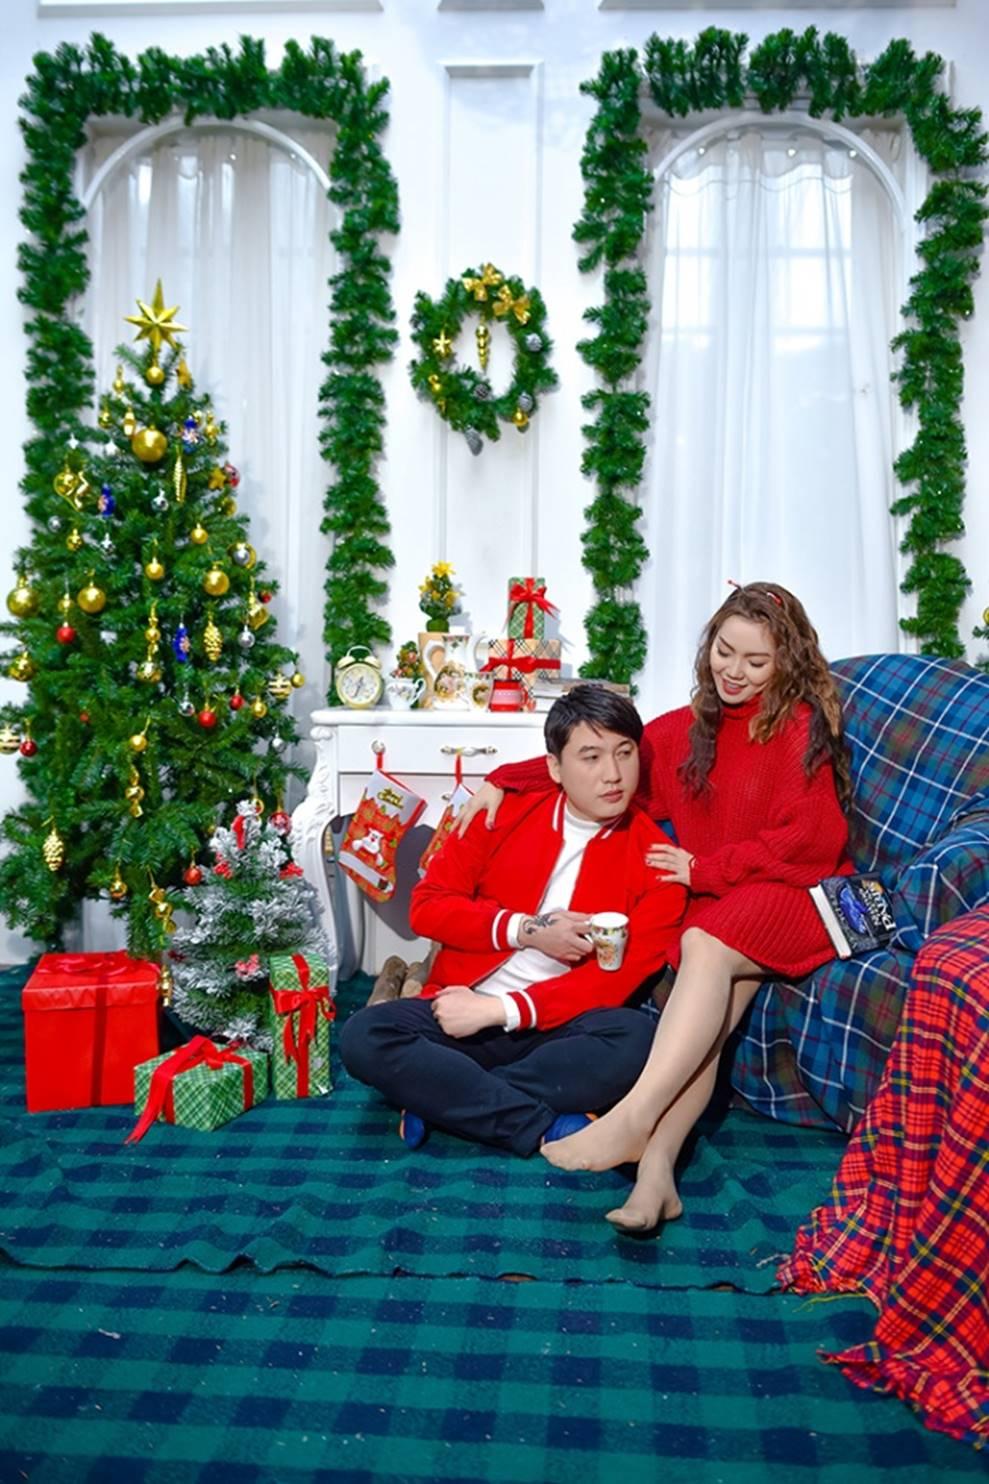 Ngọc Anh tình tứ cùng bạn trai tin đồn ít tuổi trong bộ ảnh Giáng sinh-1